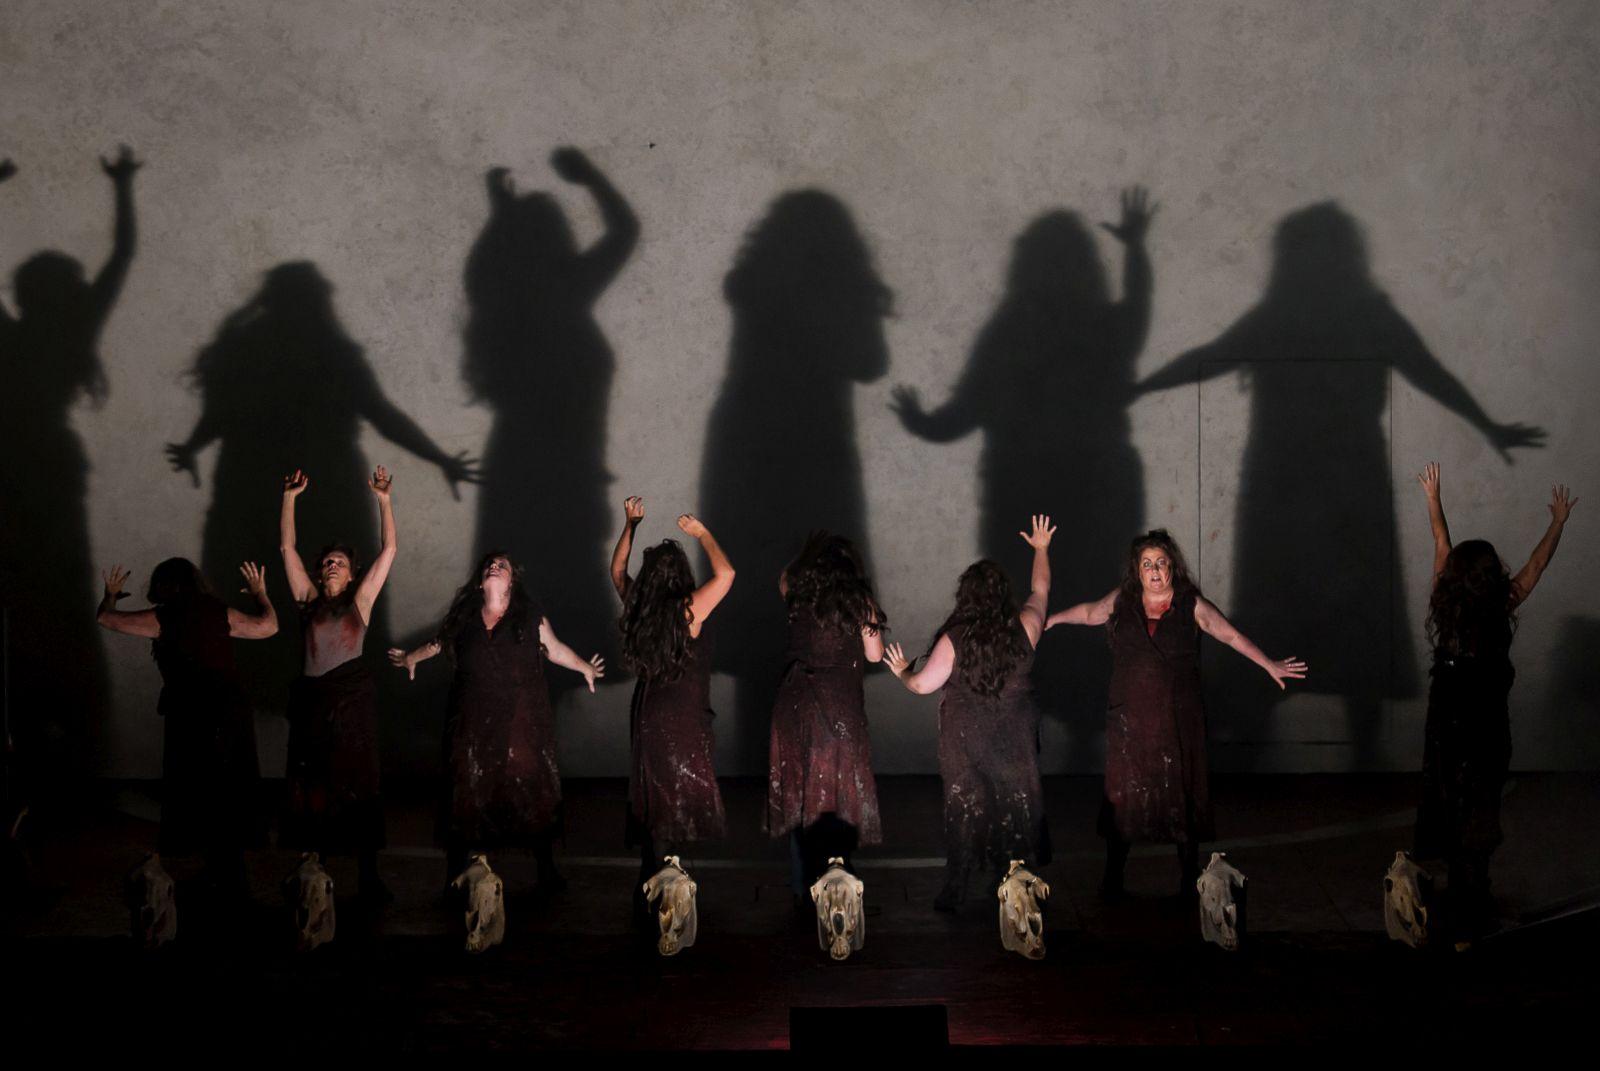 Credit: Clive Barda / Royal Opera House / ArenaPAL